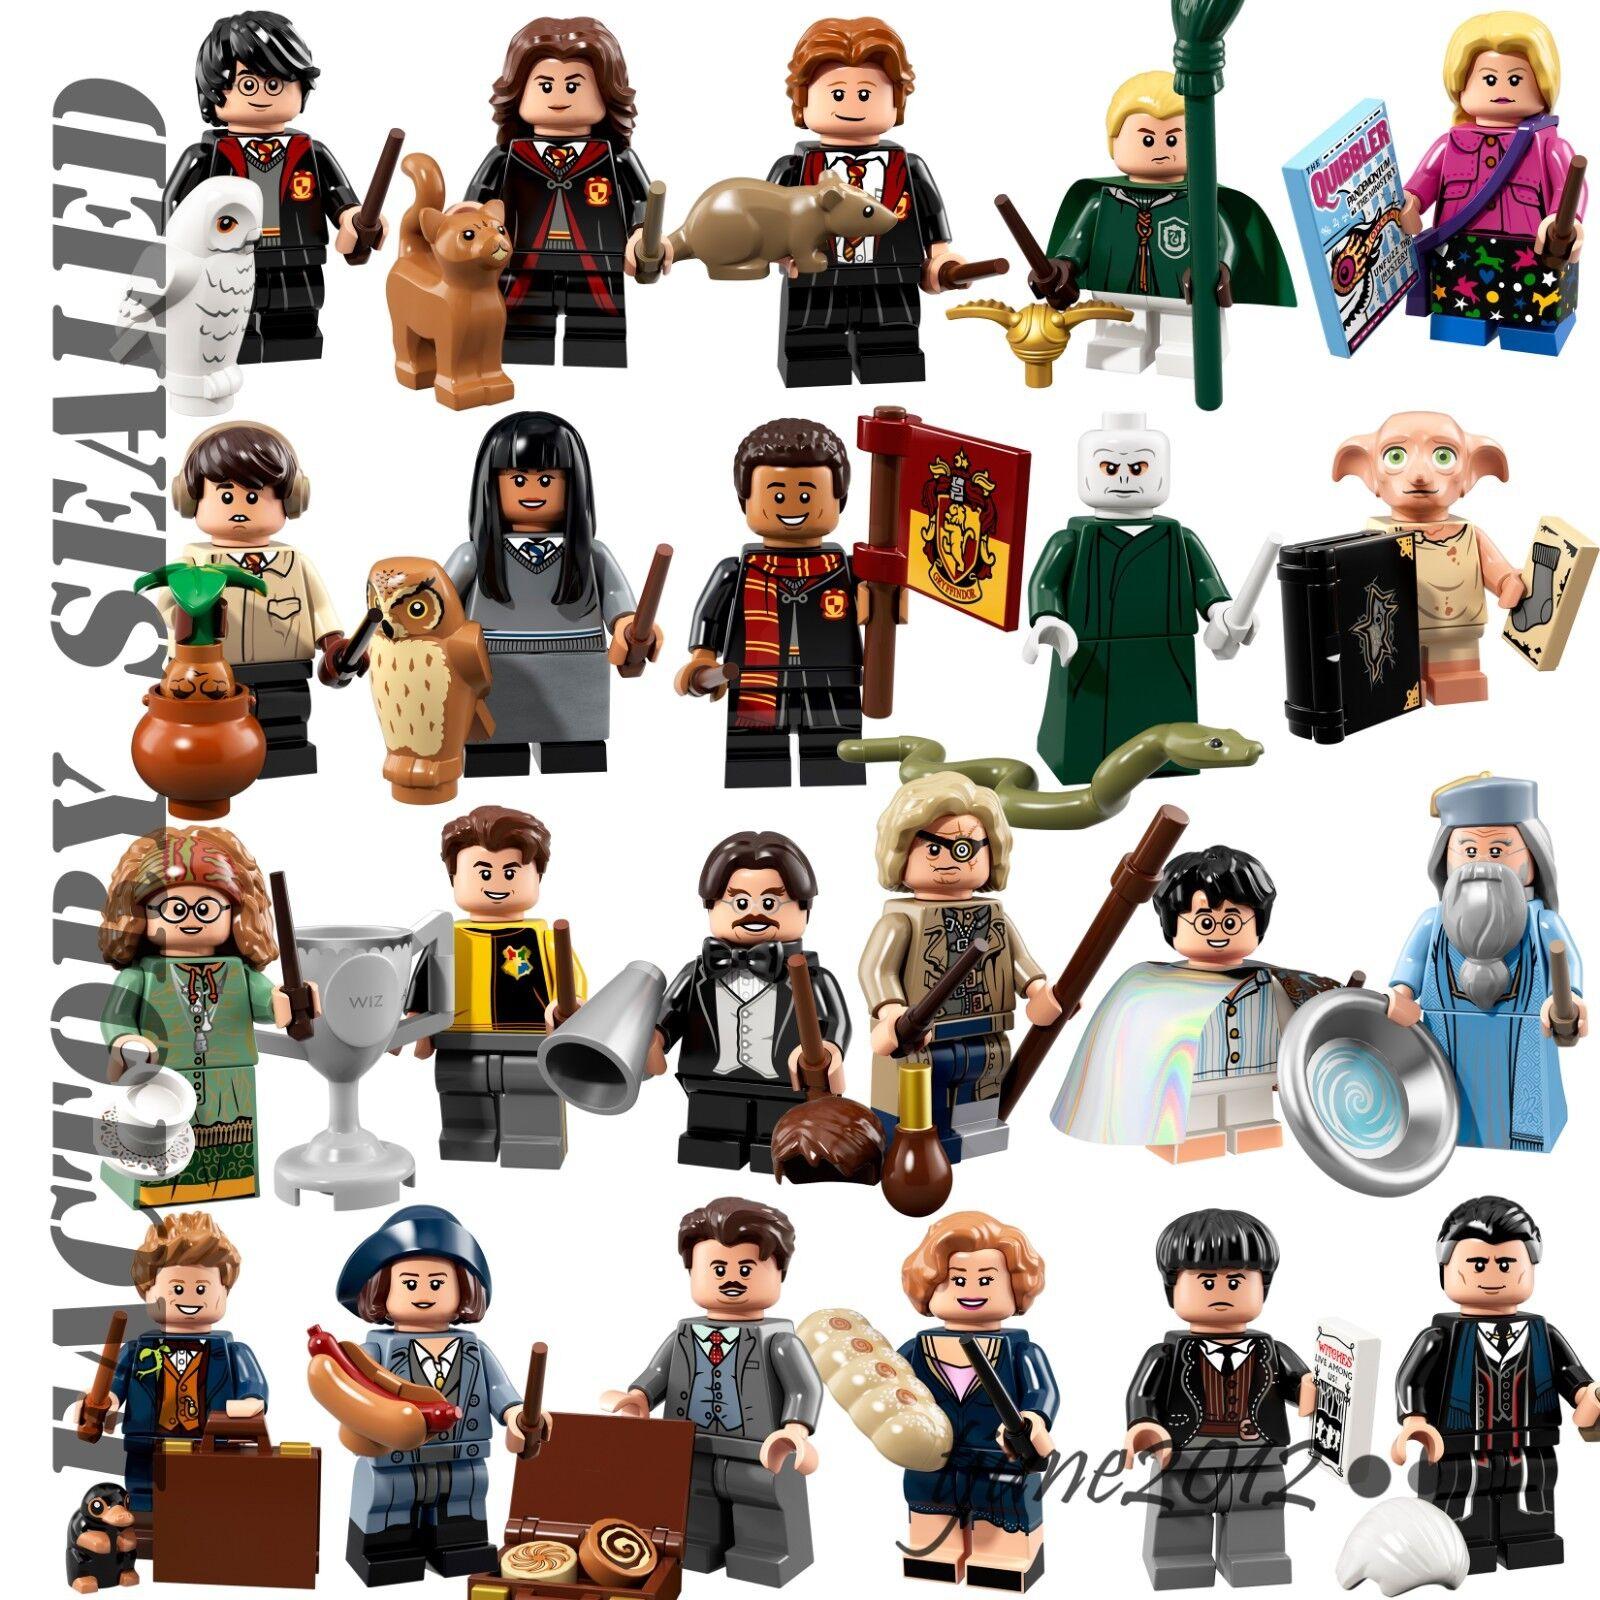 Lego, Harry Potter, Besteias fantásticas, 22 personajes, 71.022 sellados.